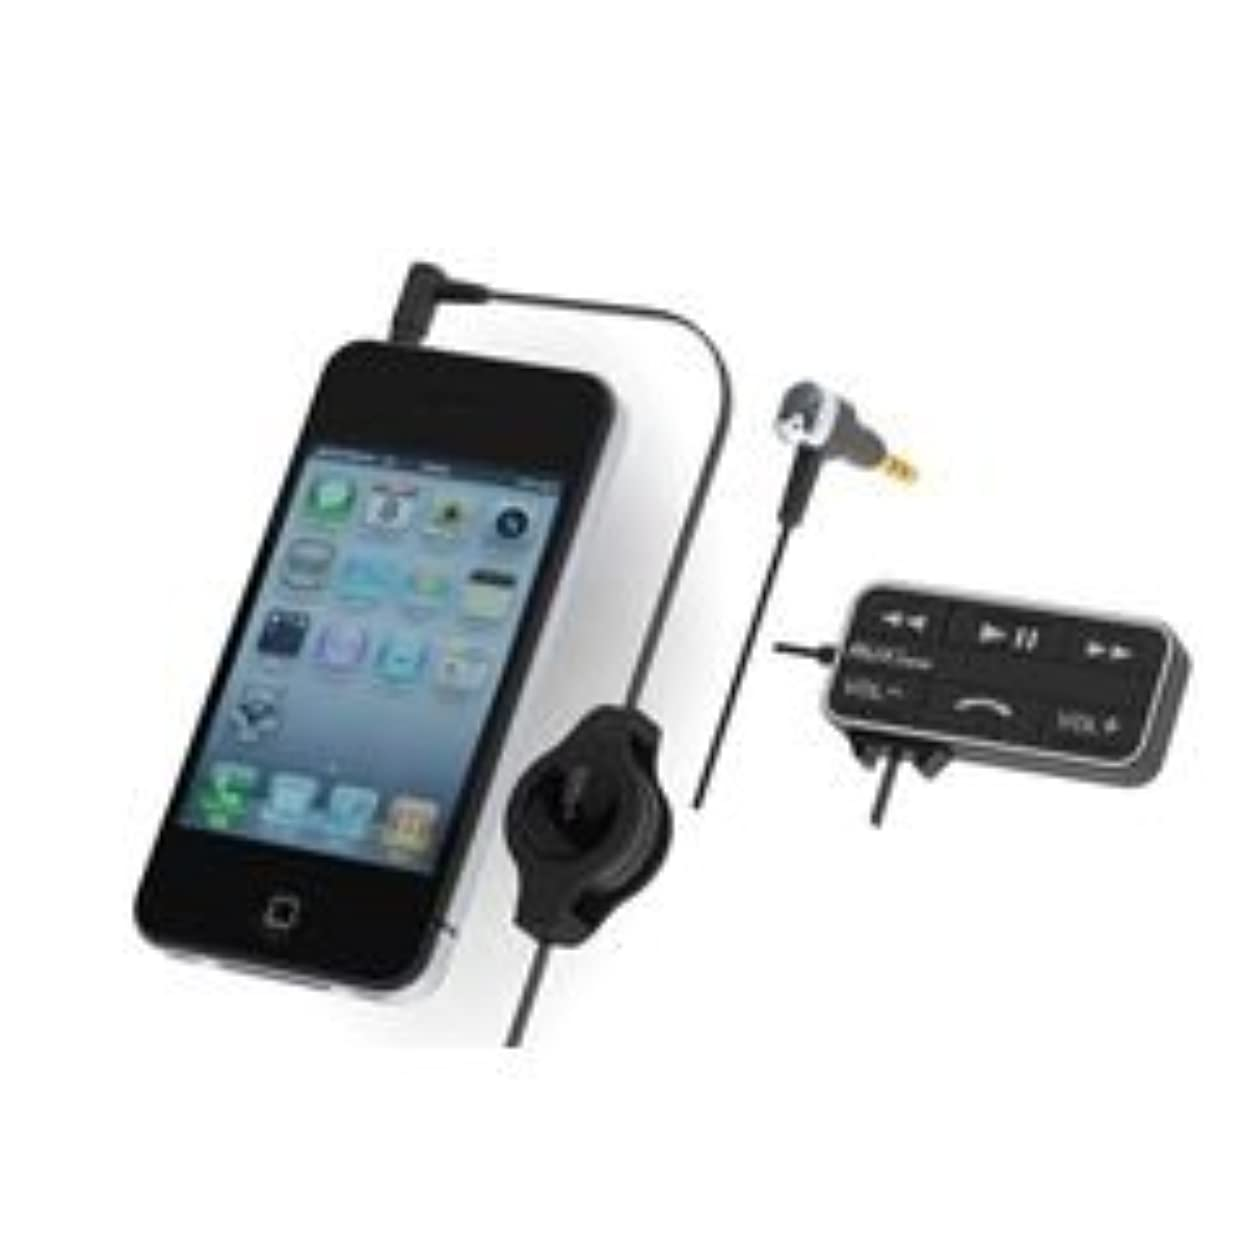 遺棄された精査する哺乳類ミラリード Giga style GS-141 リモコン付AUX音楽コード&マイク(iPhone)BK